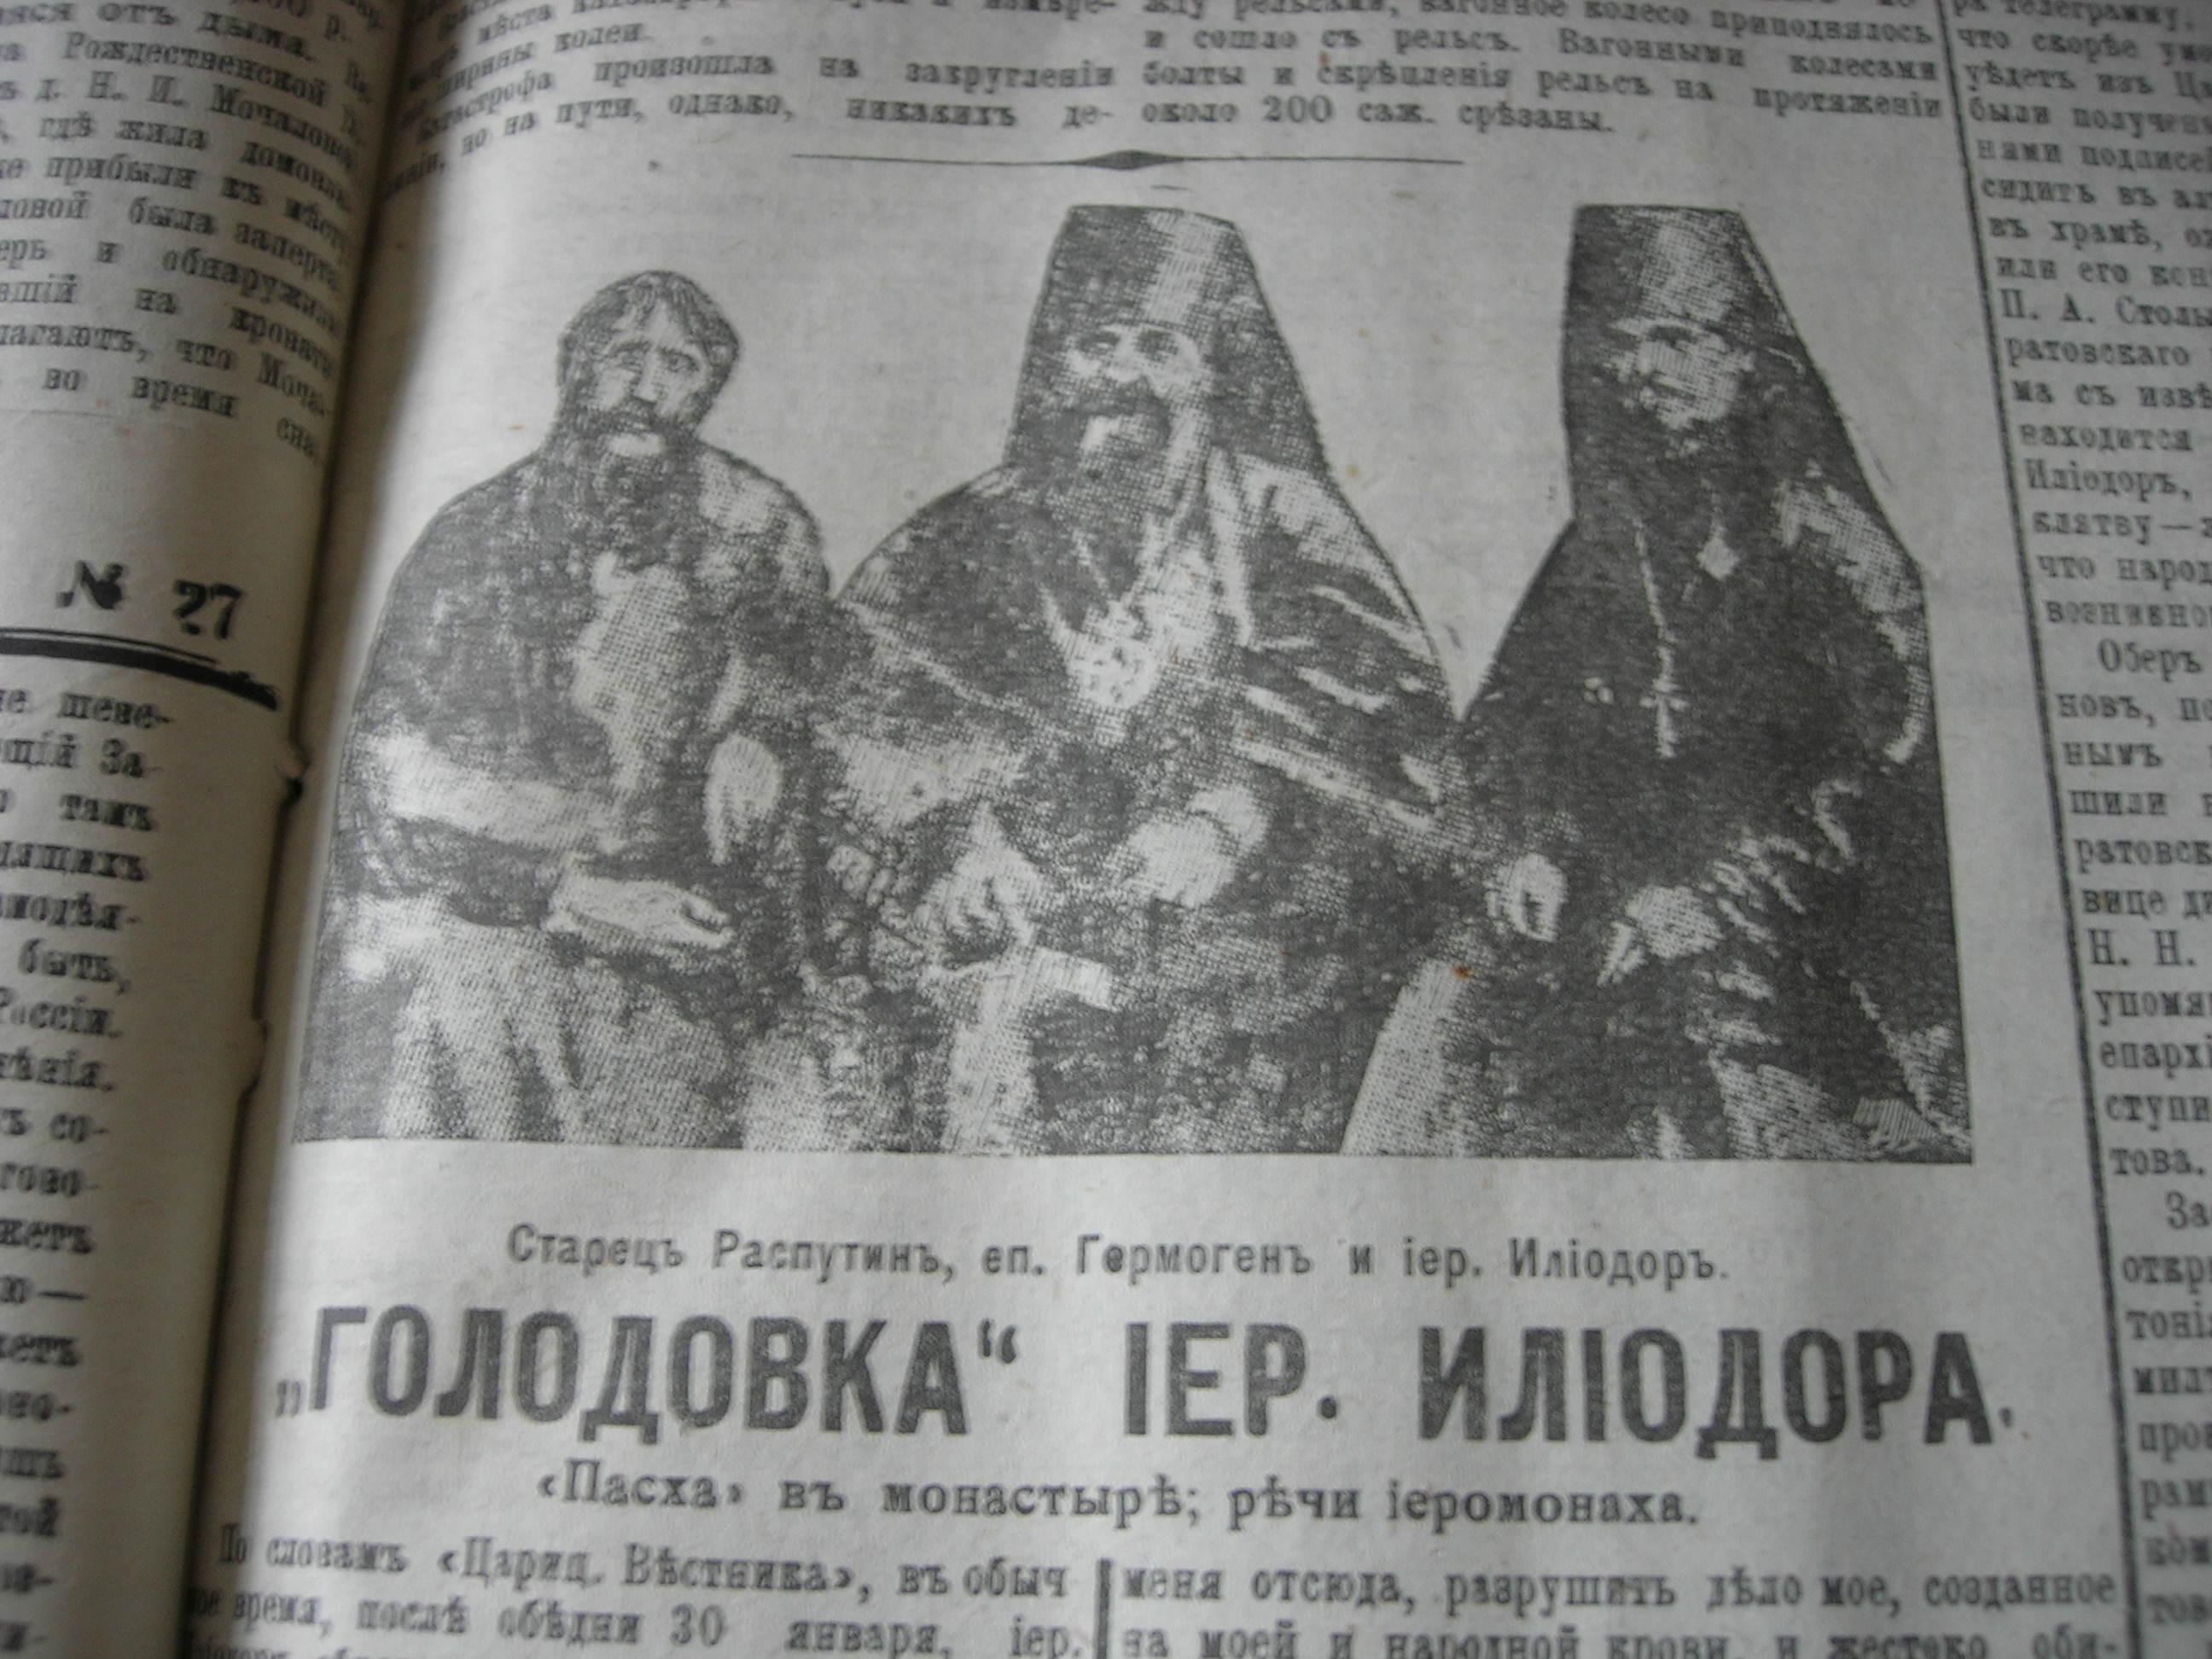 Знаменитая фотография епископа Гермогена, иеромонаха Илиодора и Распутина едва узнаваема в газетном варианте